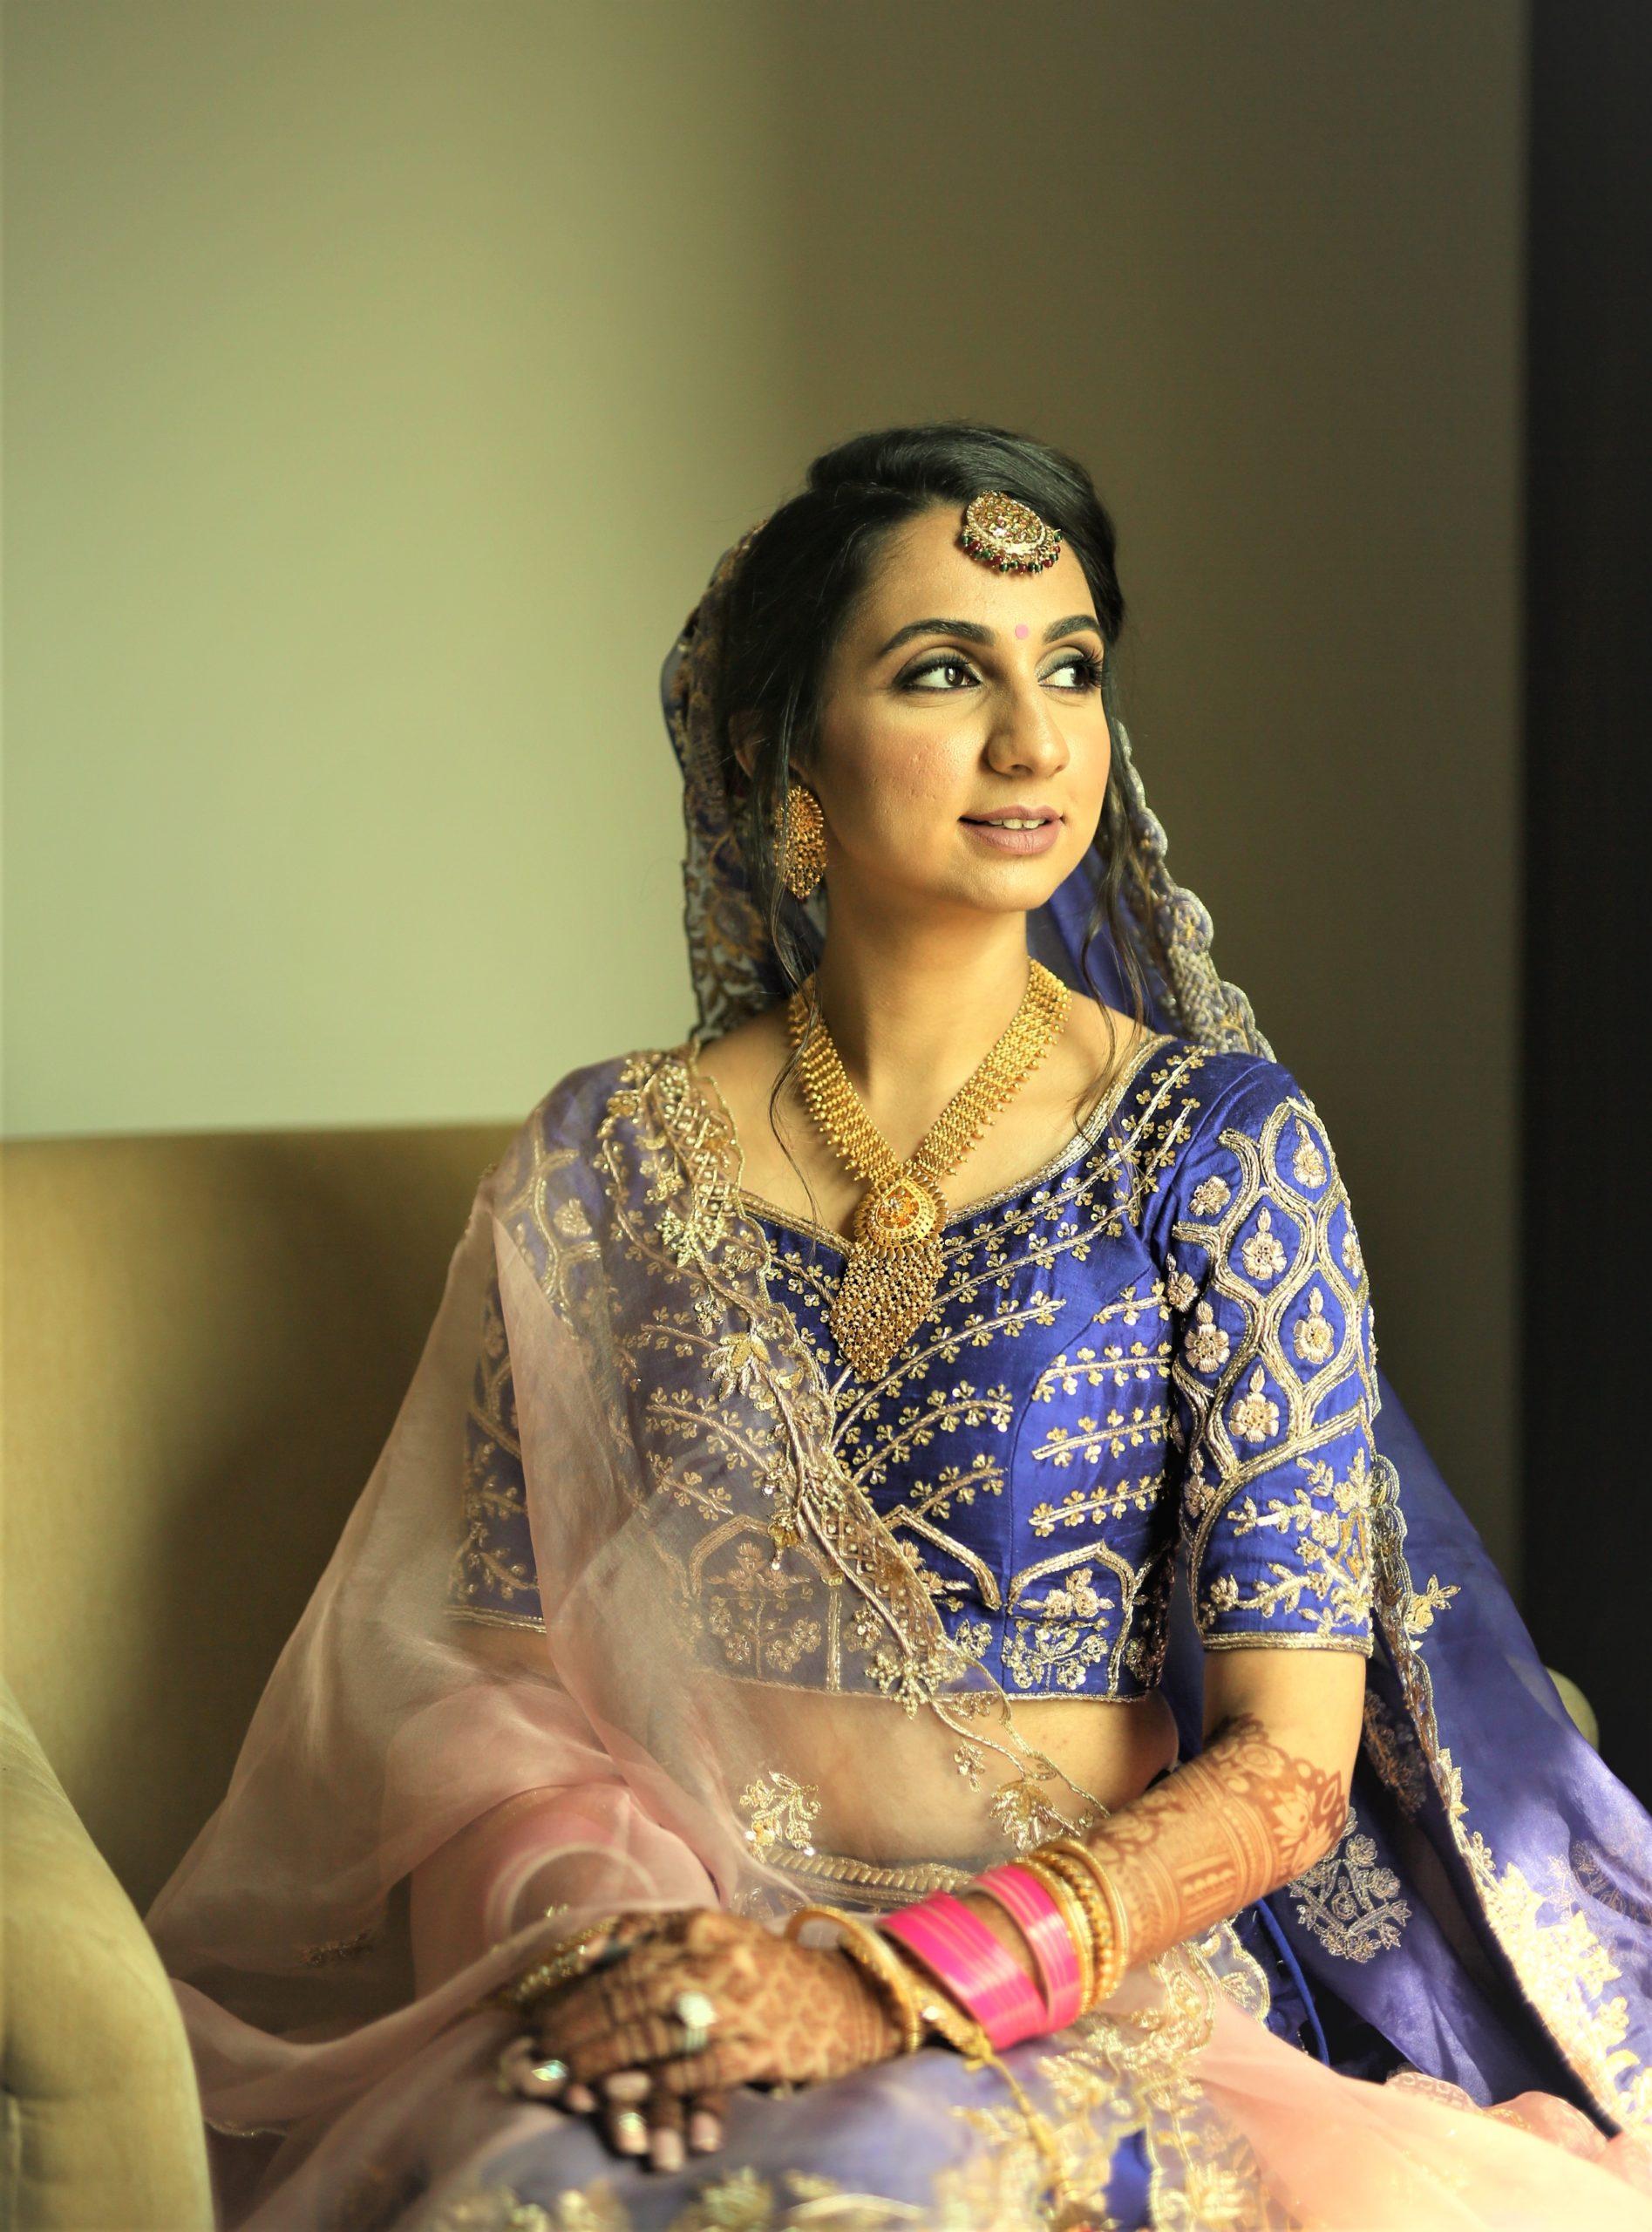 Indian bride in royal blue lehenga